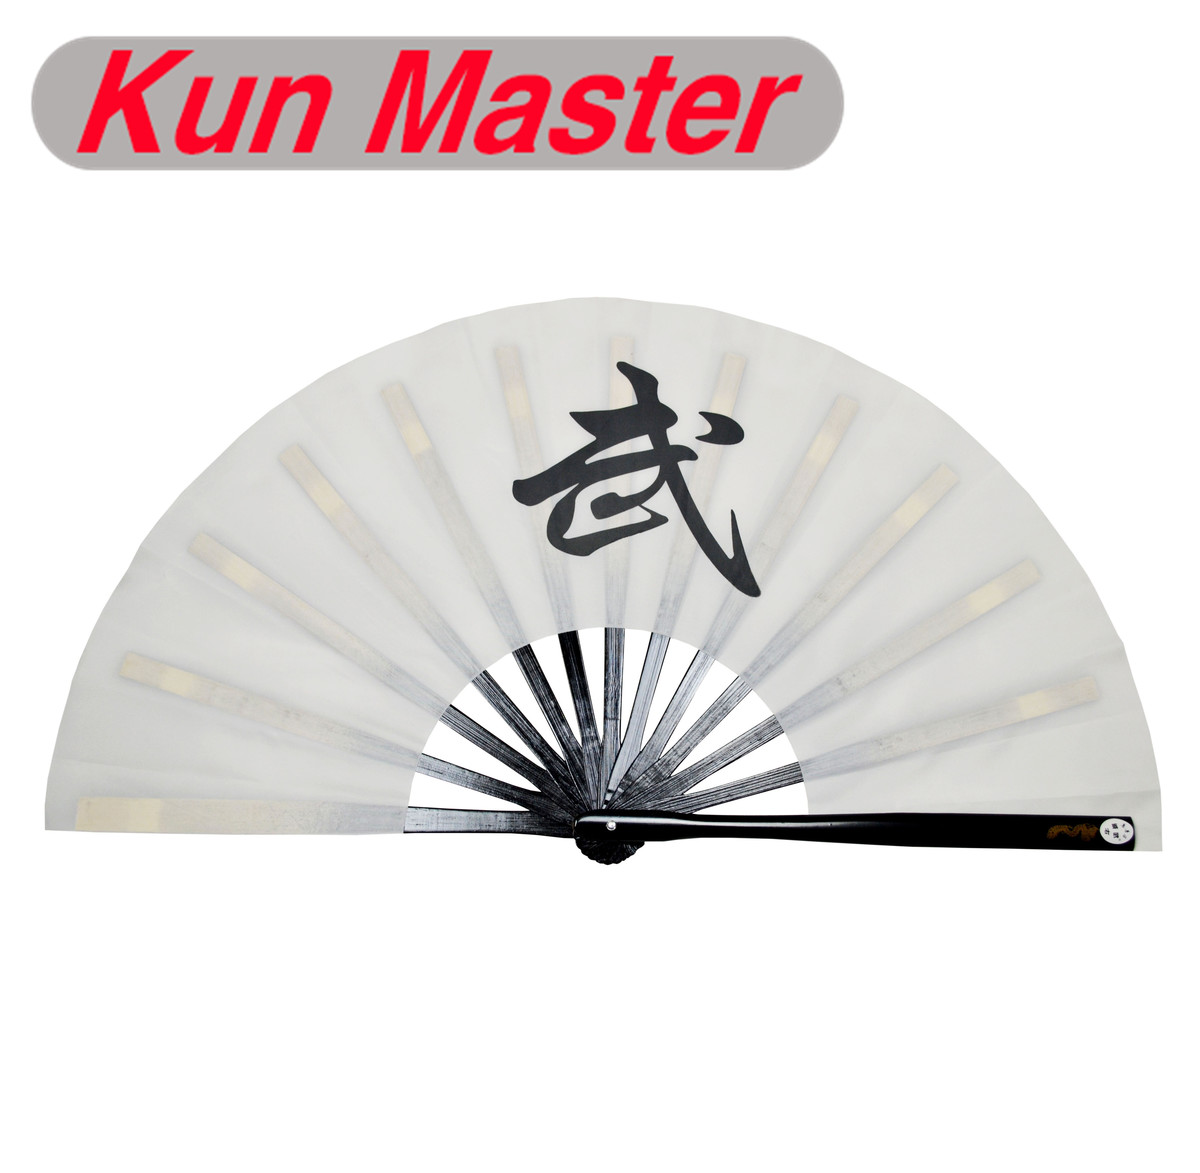 Abanico de lucha de Kung Fu de bambú, abanico de entrenamiento de artes marciales, fanático de Wu Shu, kung Fu de palabra China (blanco y negro) Trajes tradicionales chinos para hombres, Chaqueta de traje Tang Wu Shu Tai Chi Shaolin Kung Fu Wing Chun, camisa de manga larga, traje de ejercicios